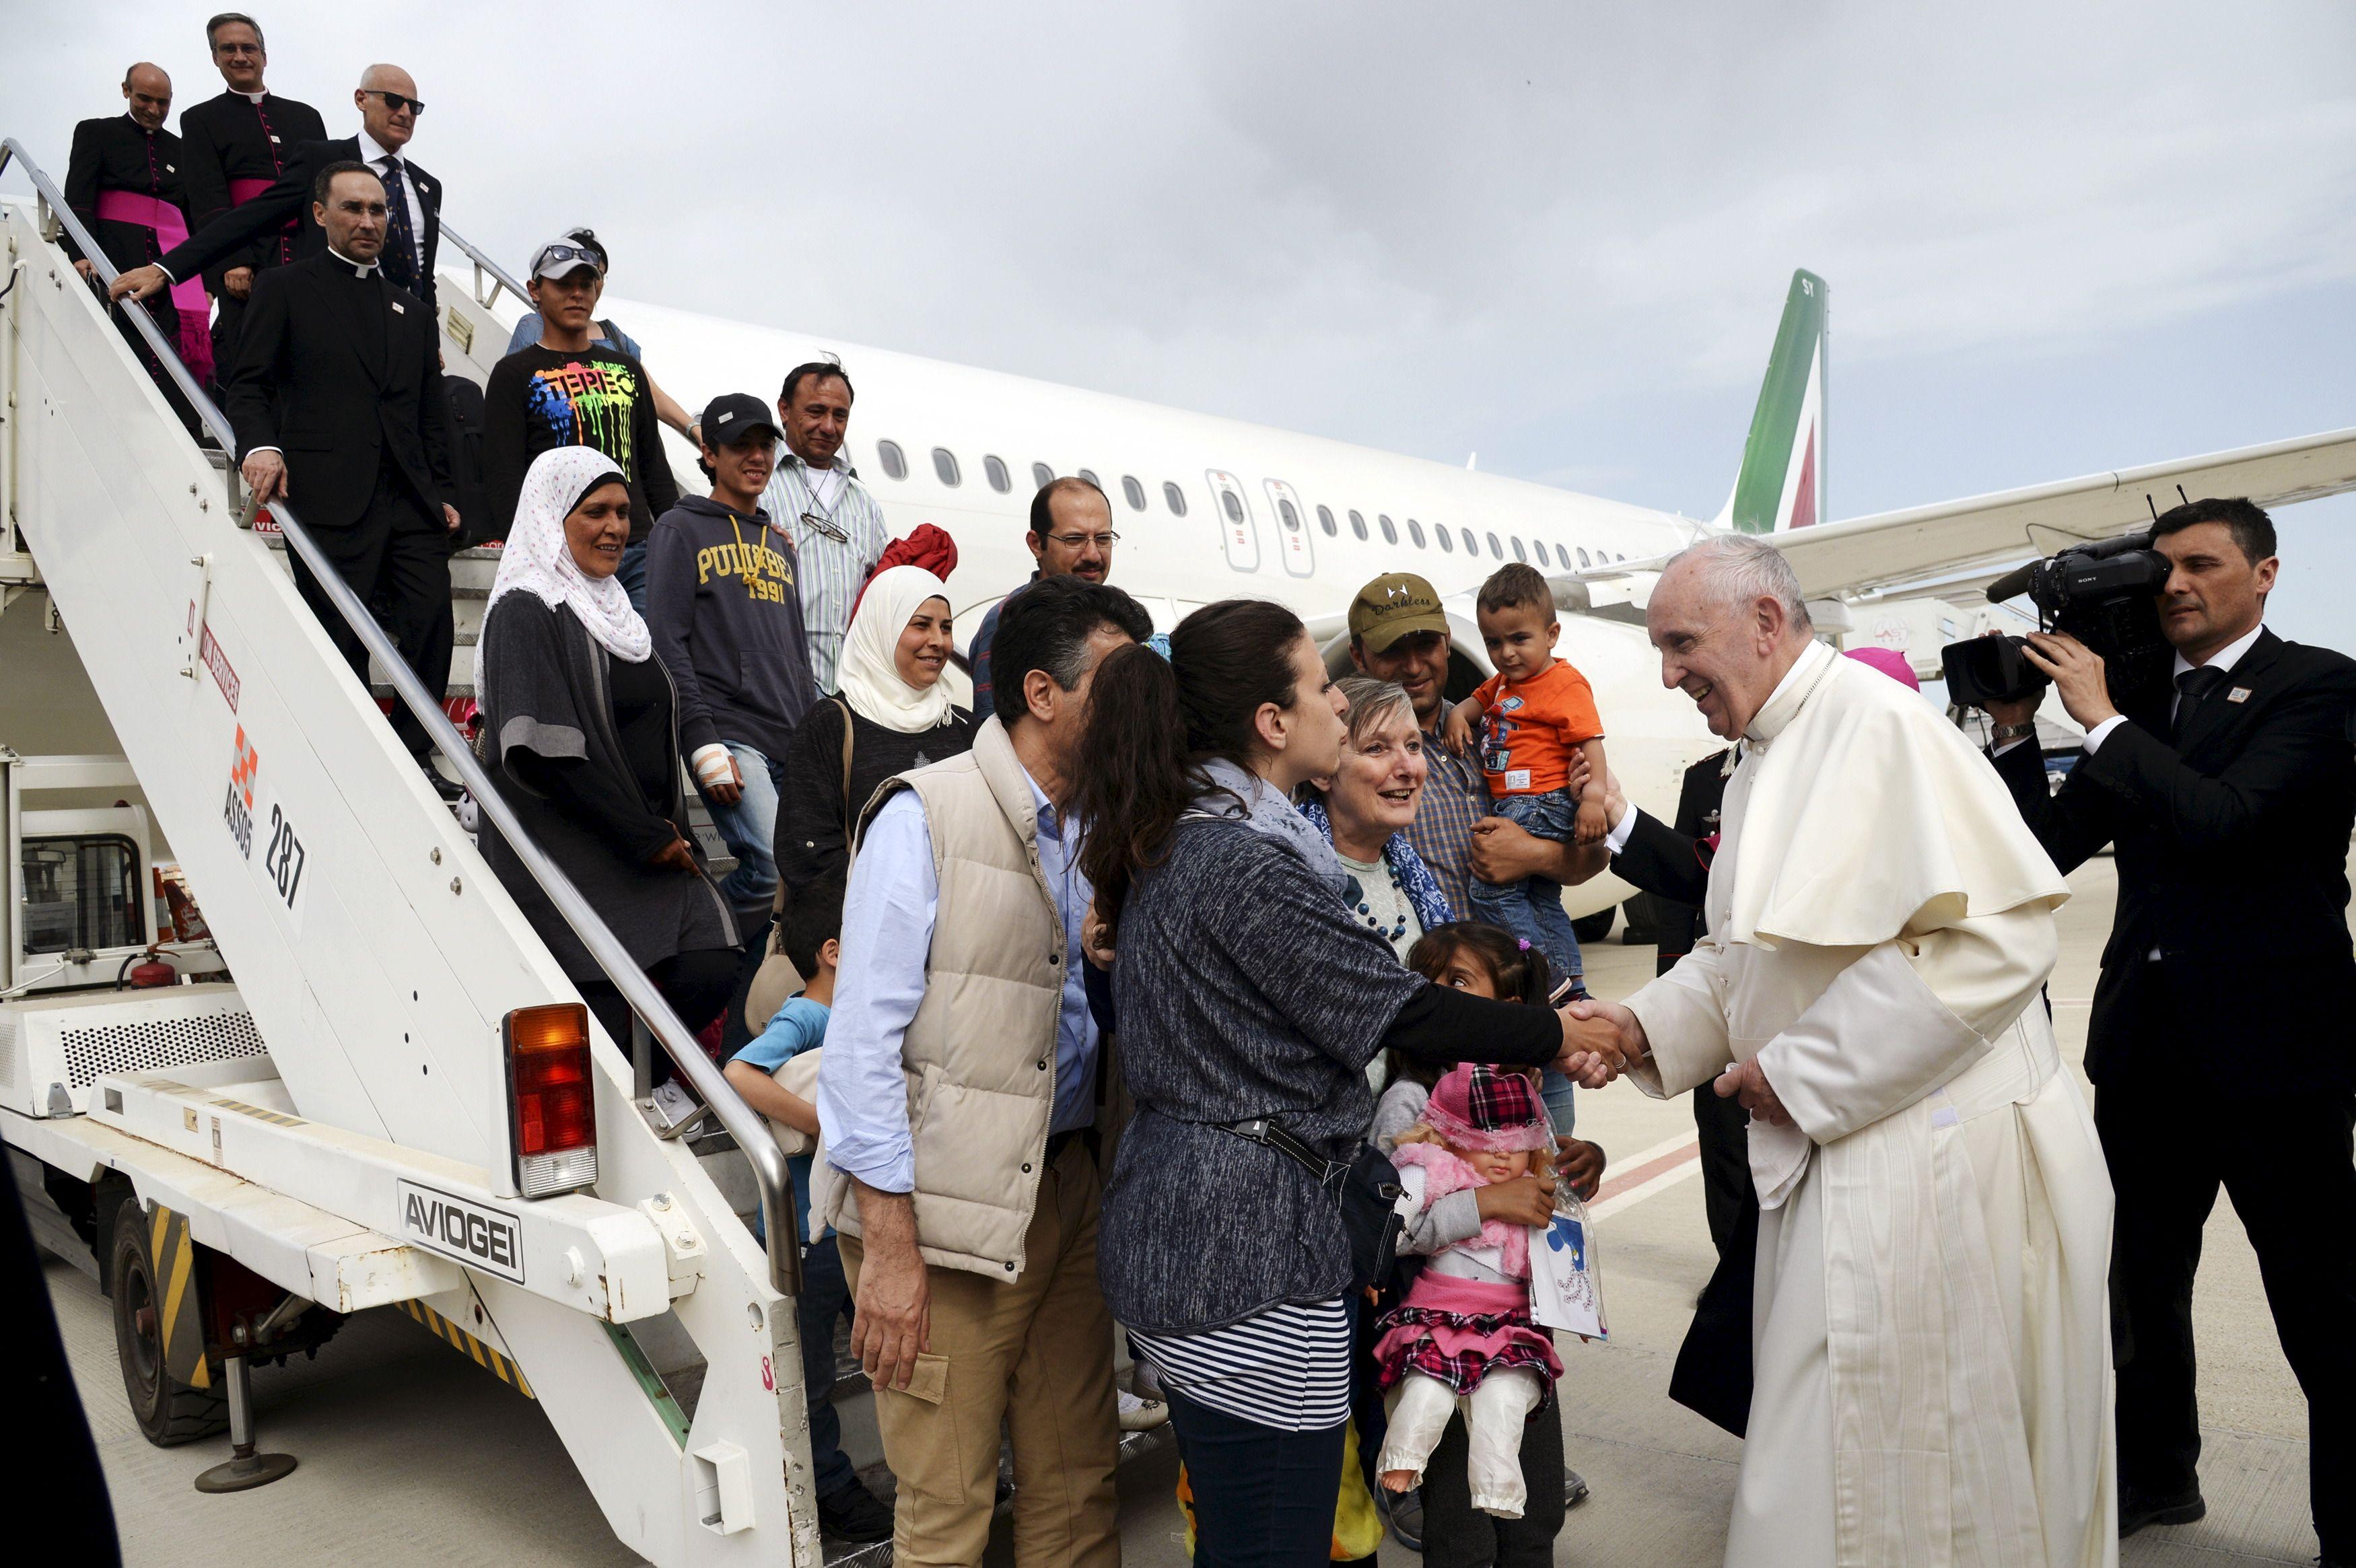 Ce samedi 16 avril, le pape François s'est rendu sur l'île de Lesbos (Grèce), à la rencontre des réfugiés. Le souverain pontife a fait le choix de revenir avec 12 Syriens.